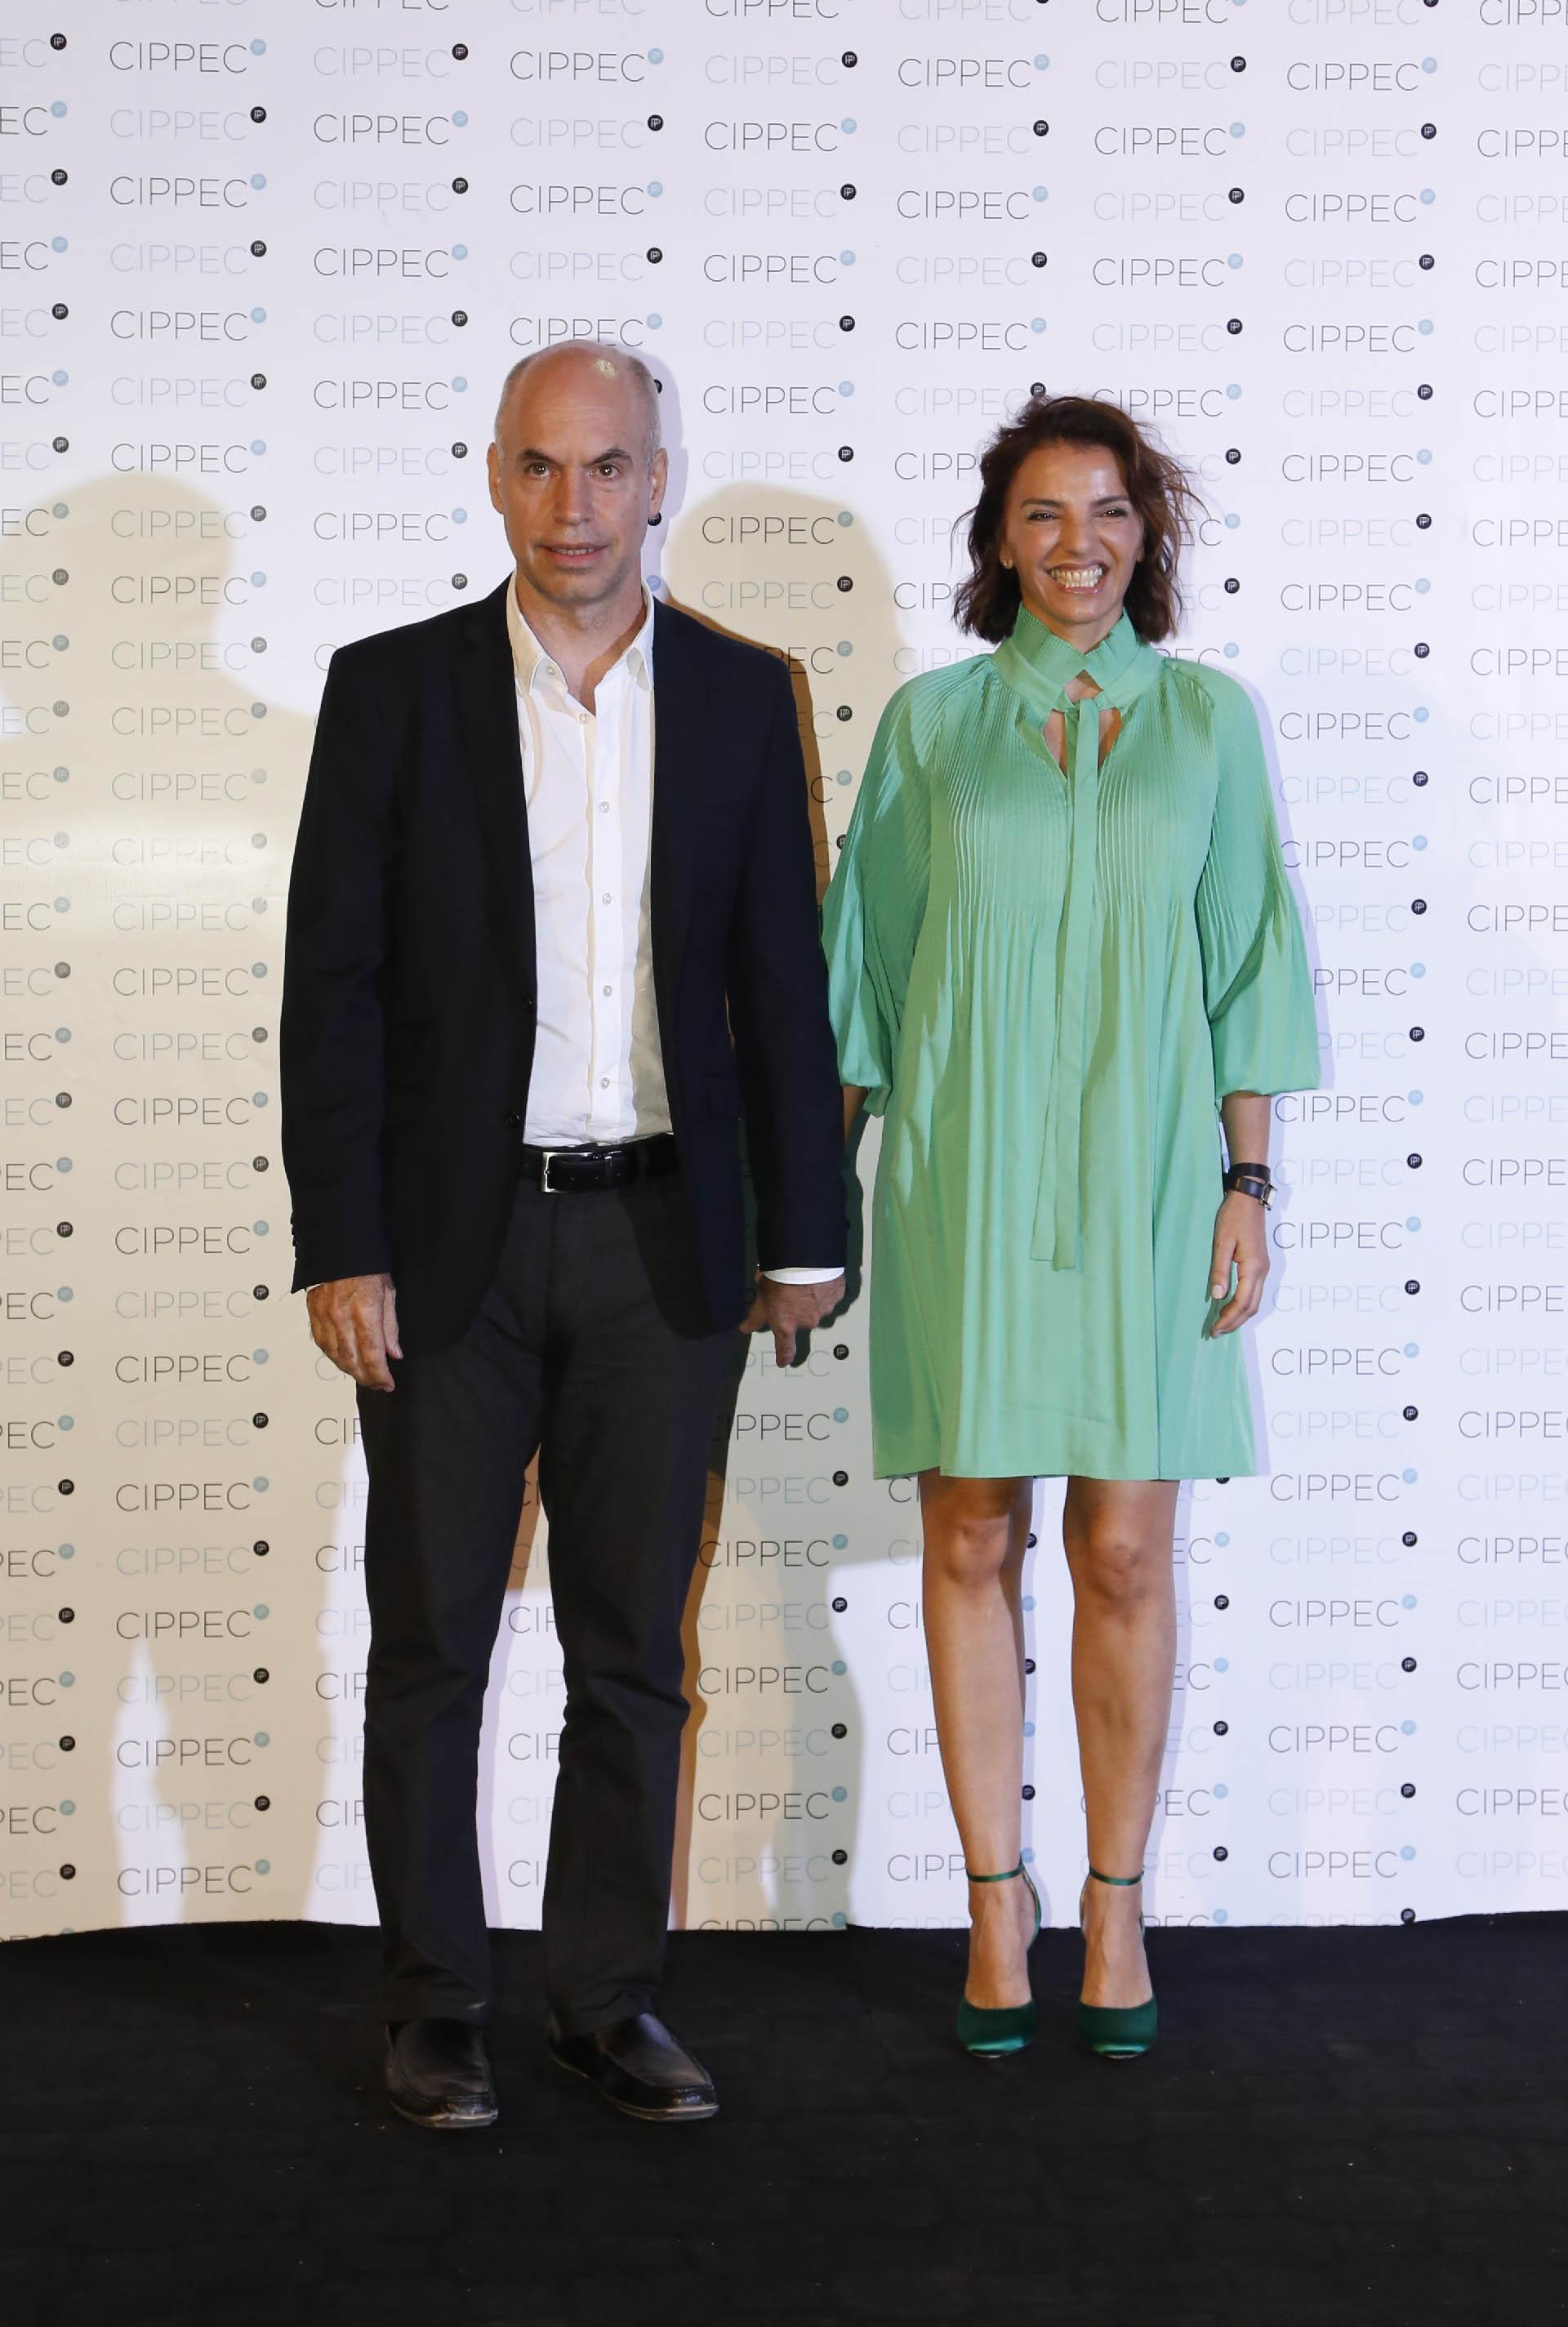 Horacio Rodríguez Larreta, jefe de Gobierno porteño, y su mujer Bárbara Diez